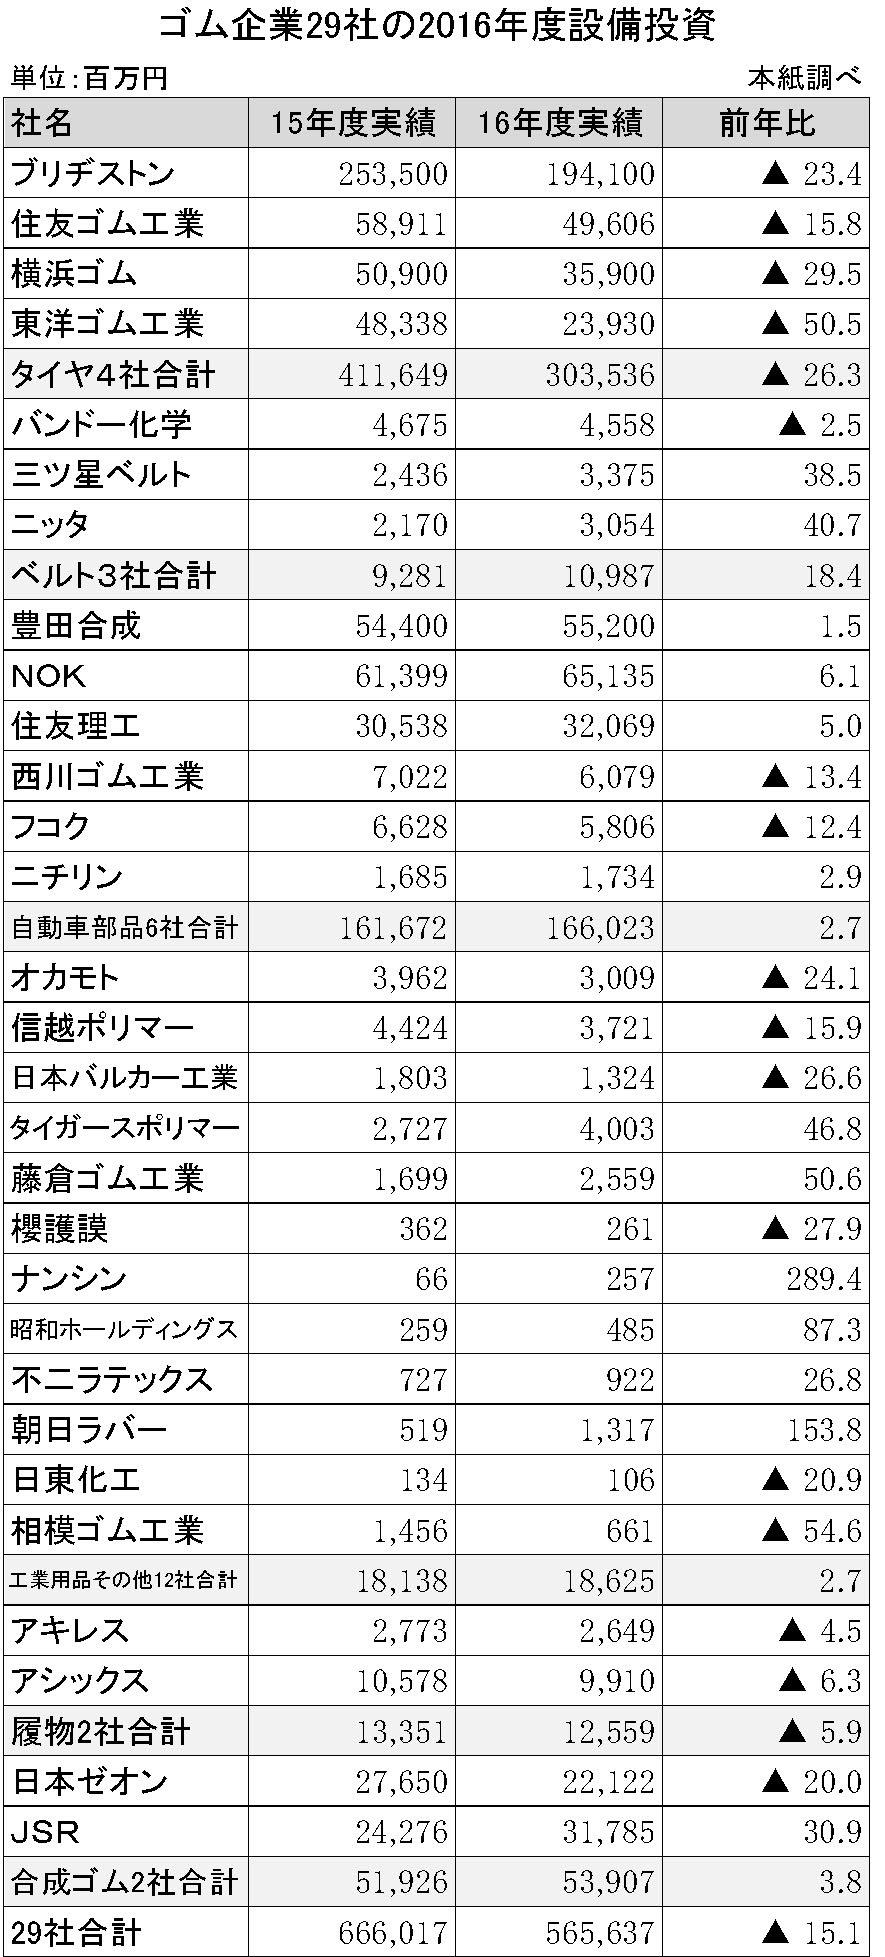 ゴム企業29社の2016年度設備投資